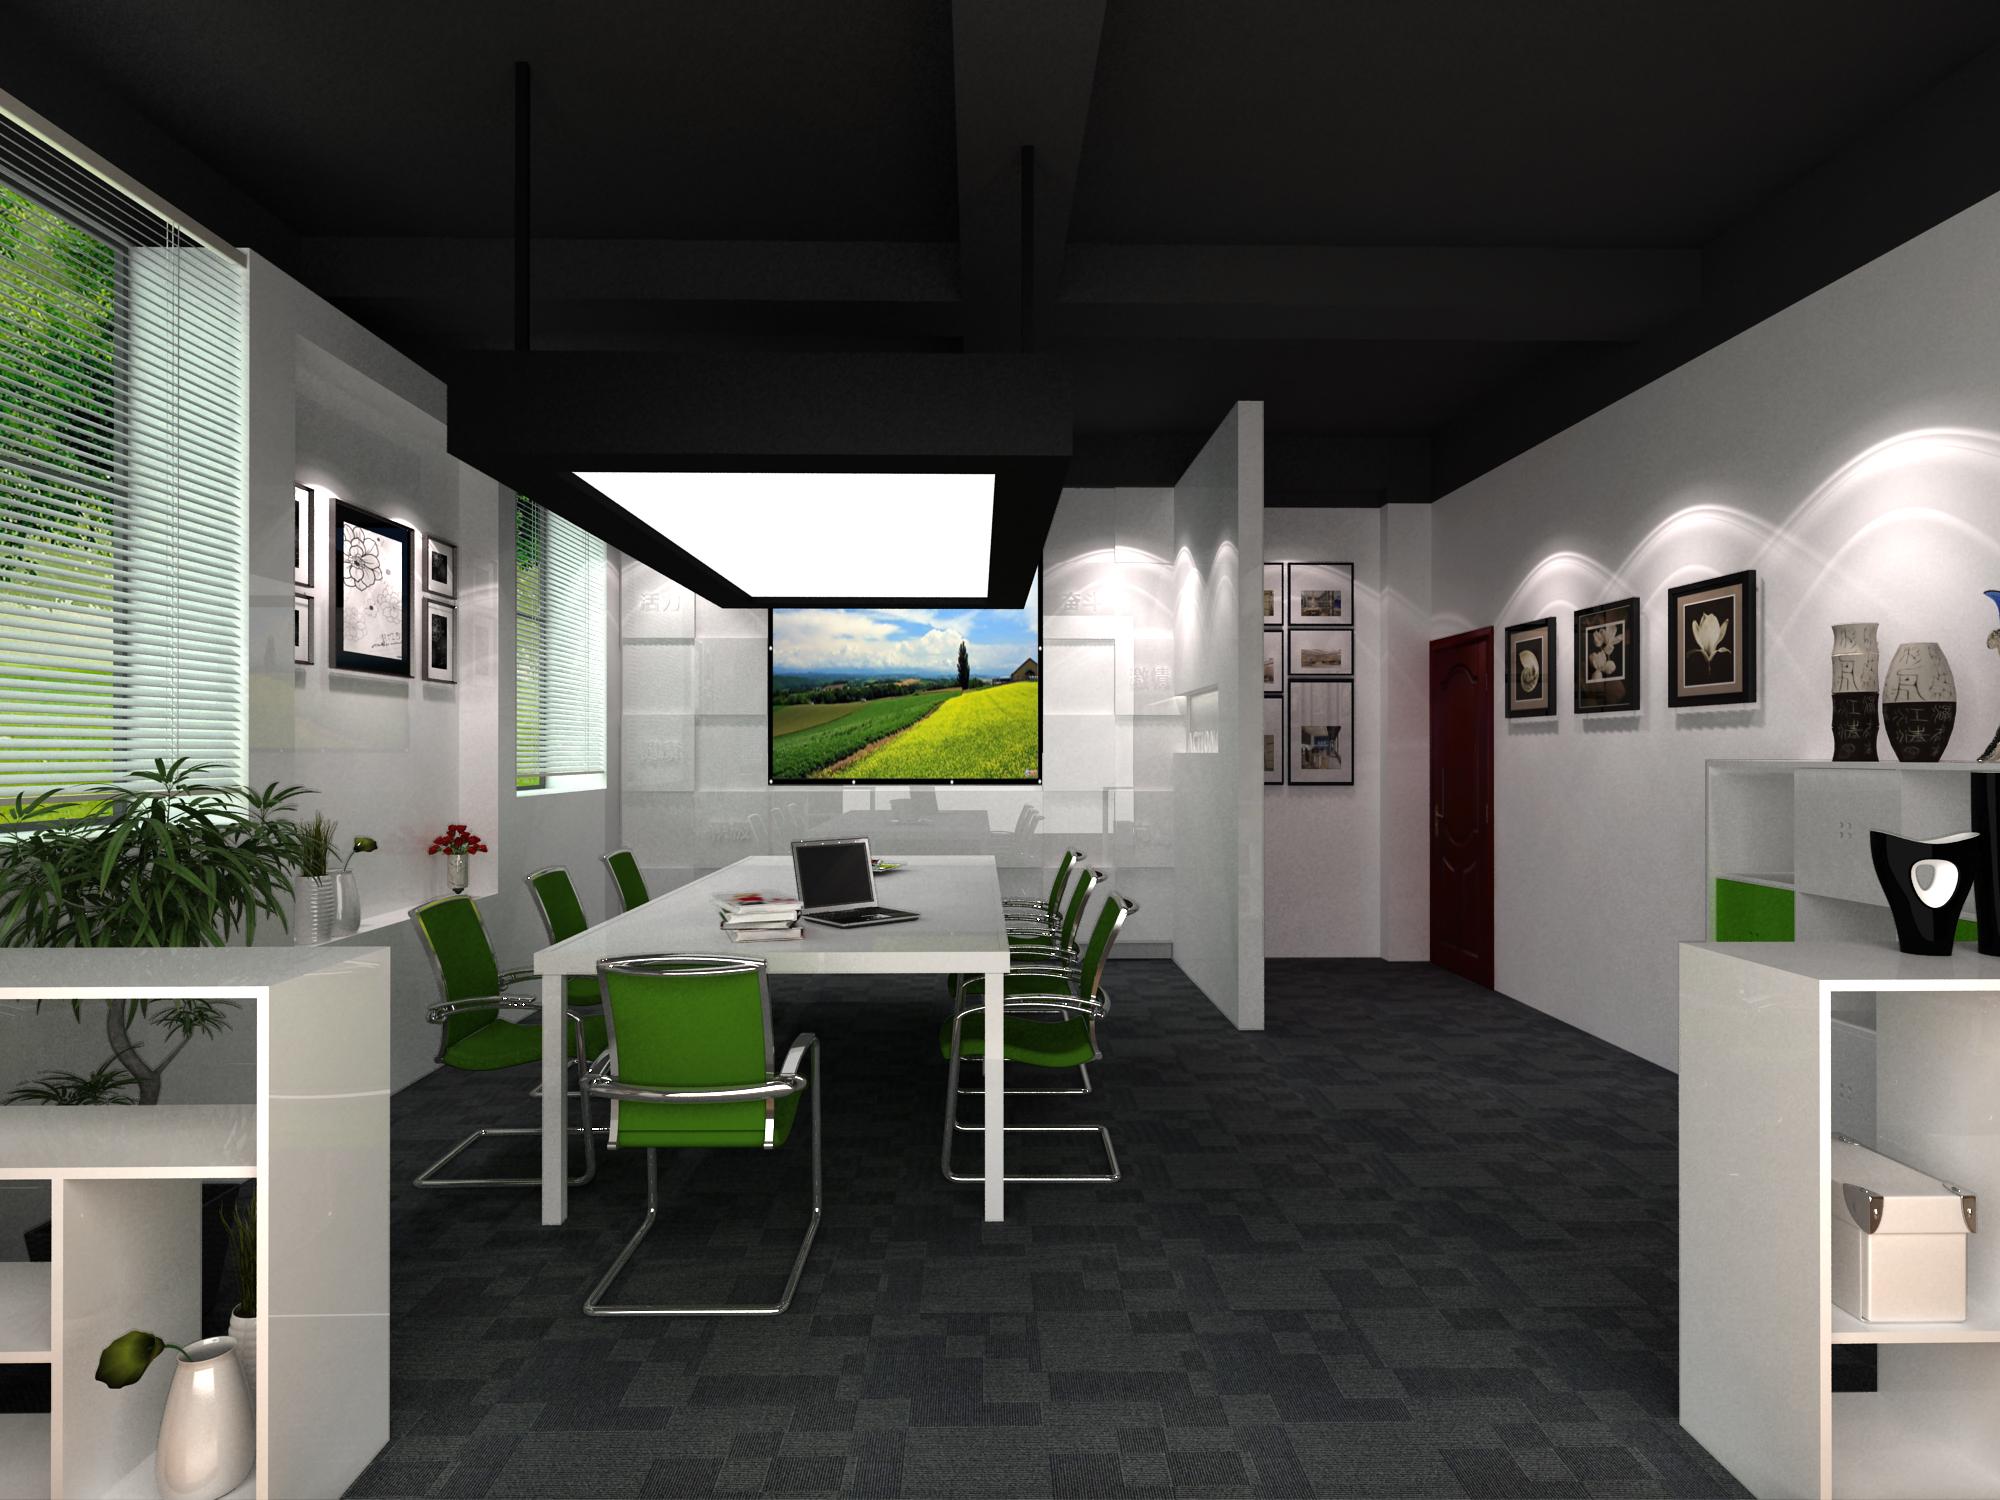 工作室效果图 金陵科技学院|空间|室内设计| - 原创